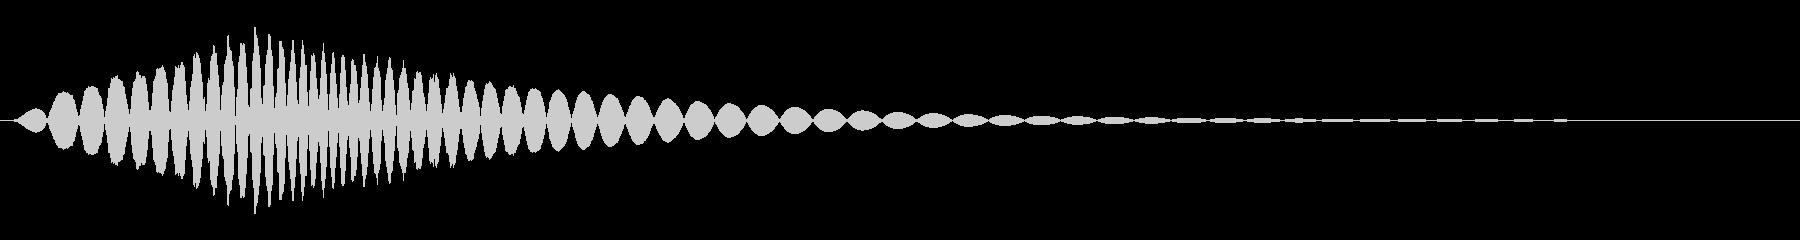 バットを振る音3の未再生の波形